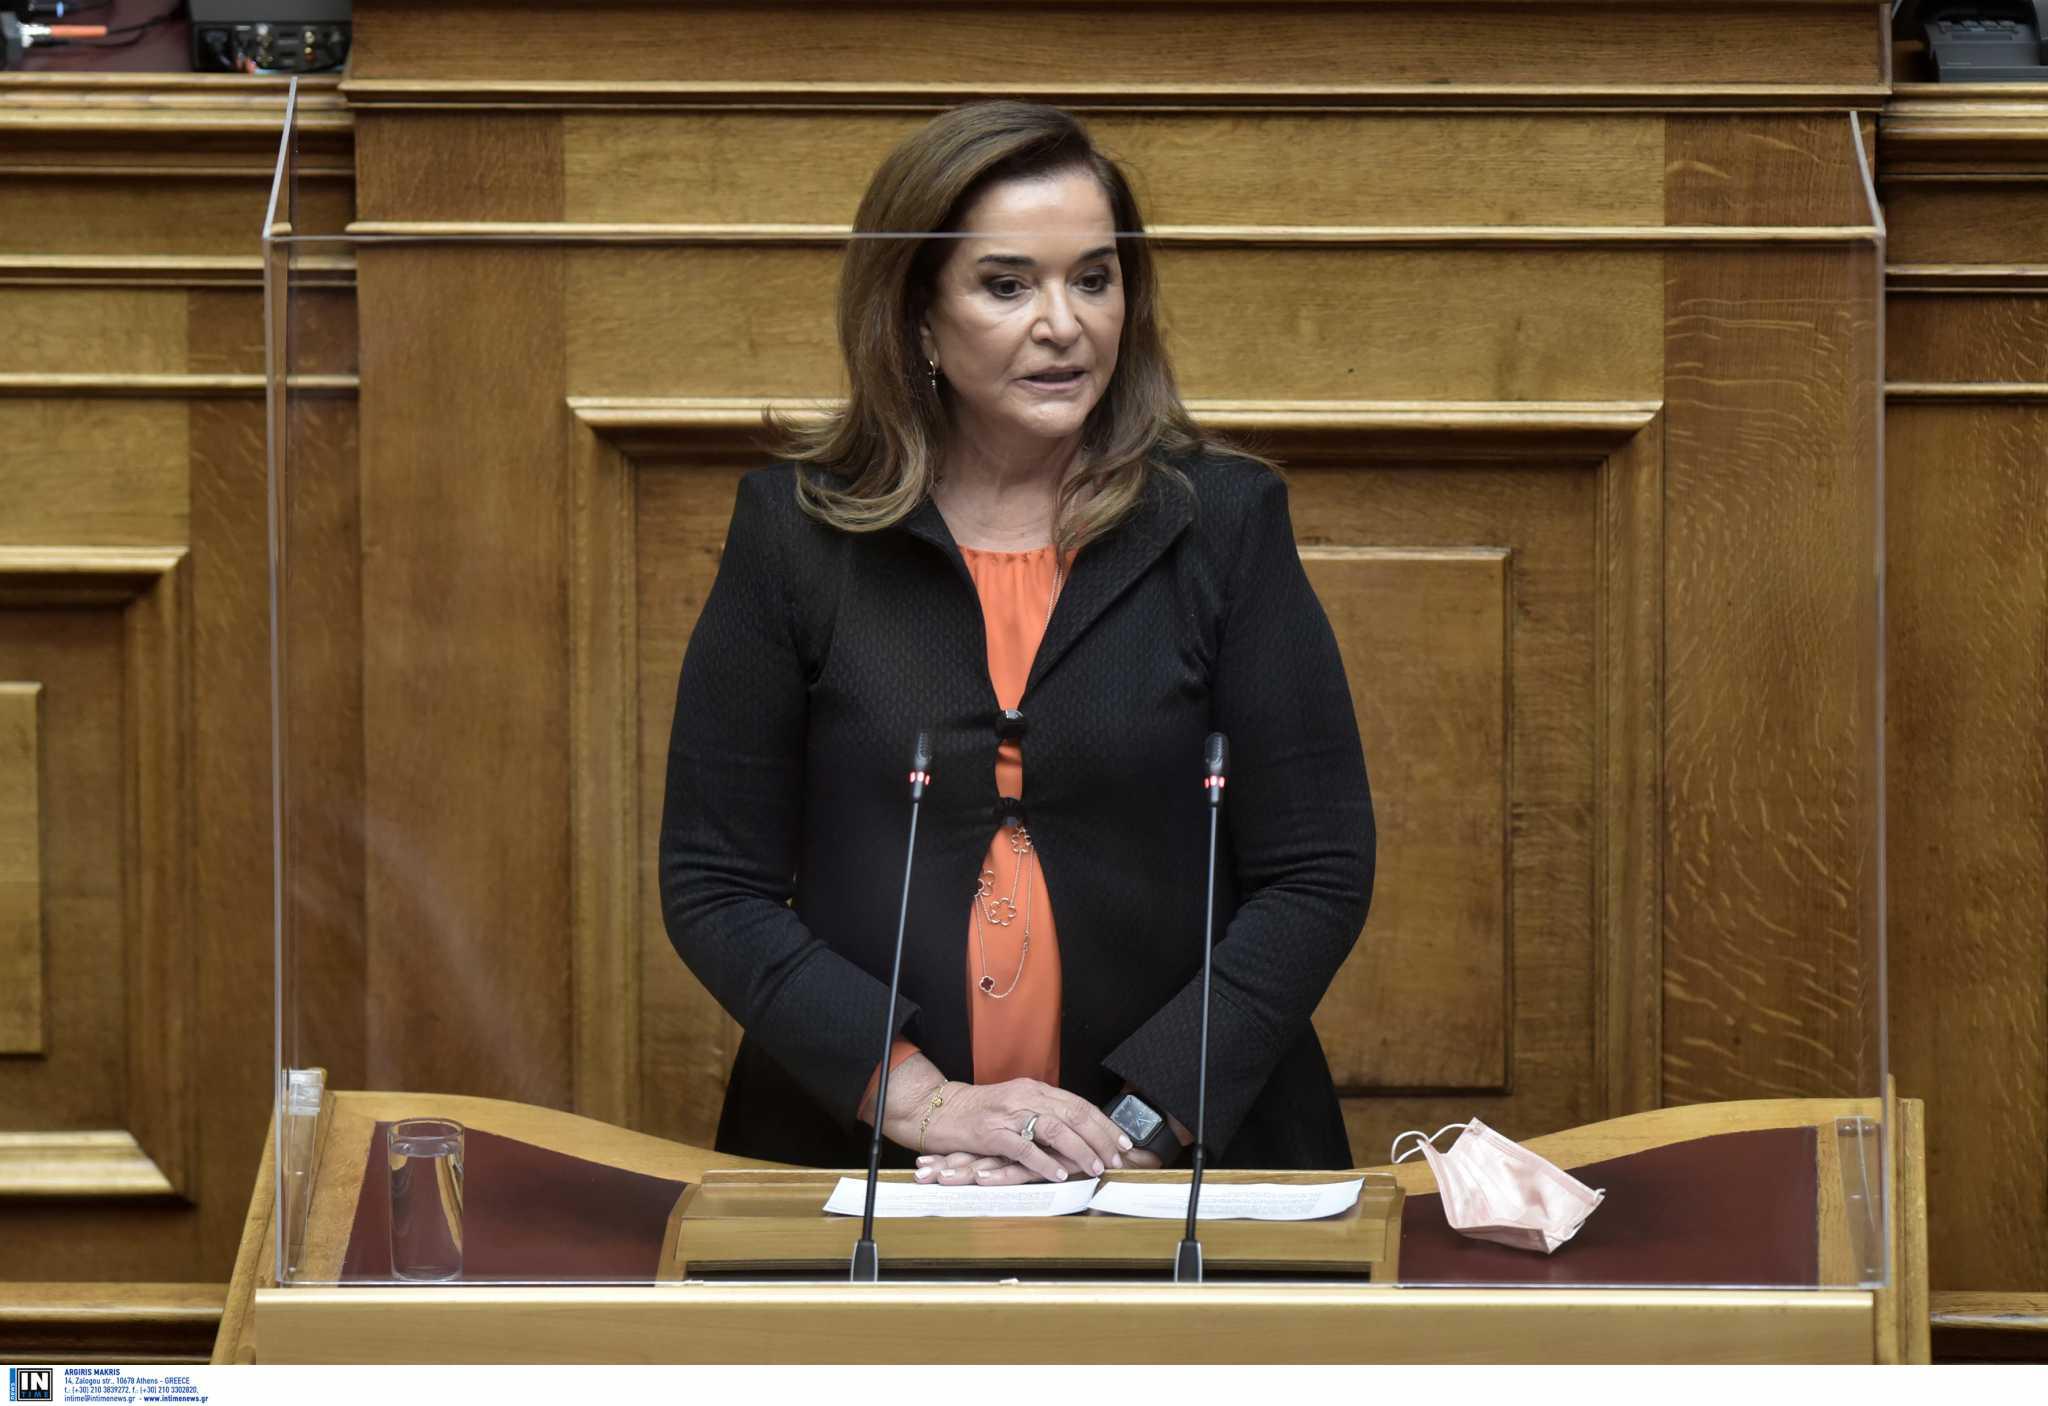 Μπακογιάννη για Πάσχα στην Κρήτη: Θα κάνω ό,τι πει ο πρωθυπουργός μετά το «ξύλο» που έχω φάει